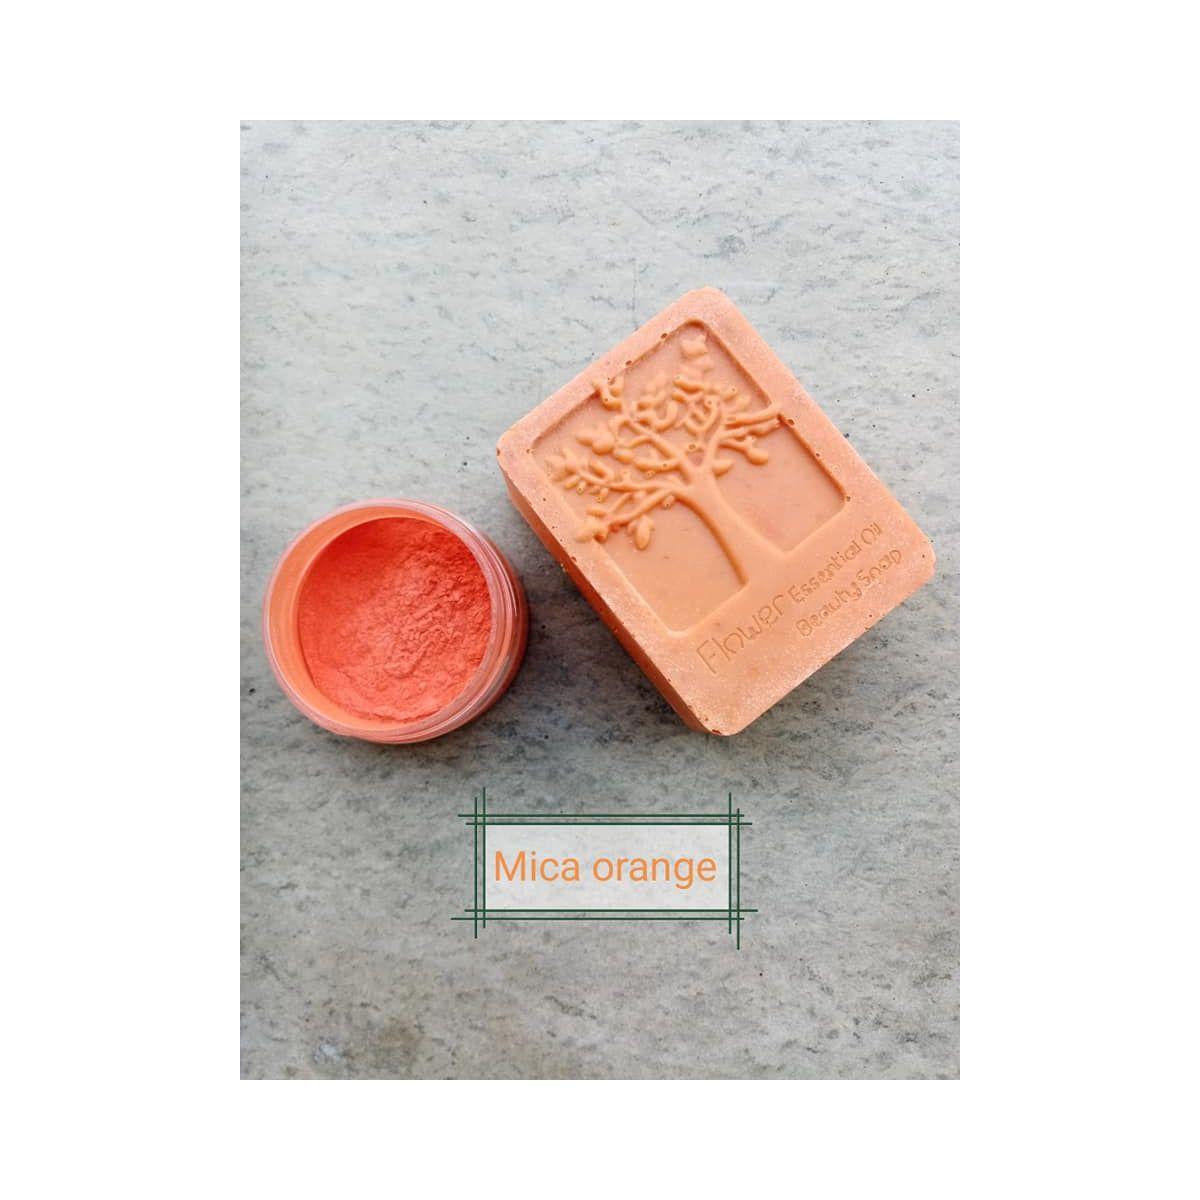 Mica Orange